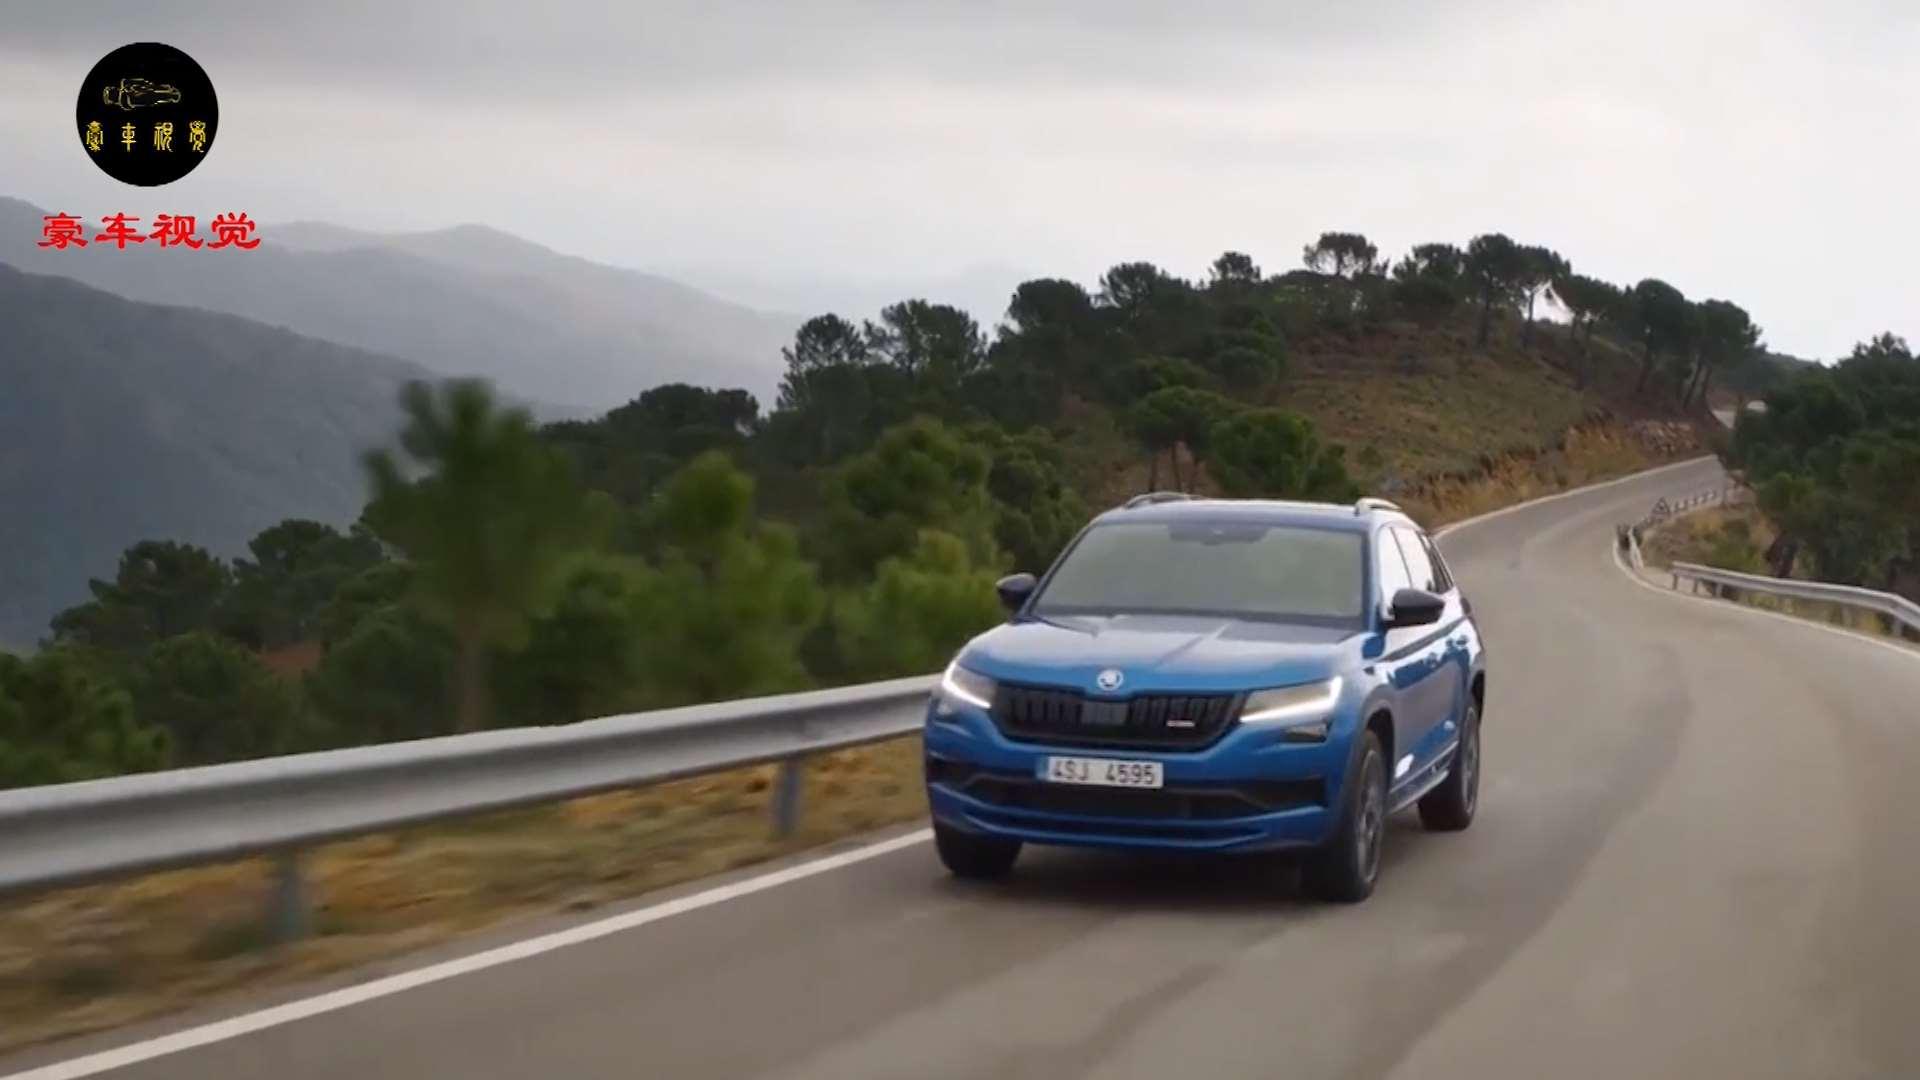 柯迪亚克RS的实车图曝光,搭载2.0T双涡轮柴油发动机